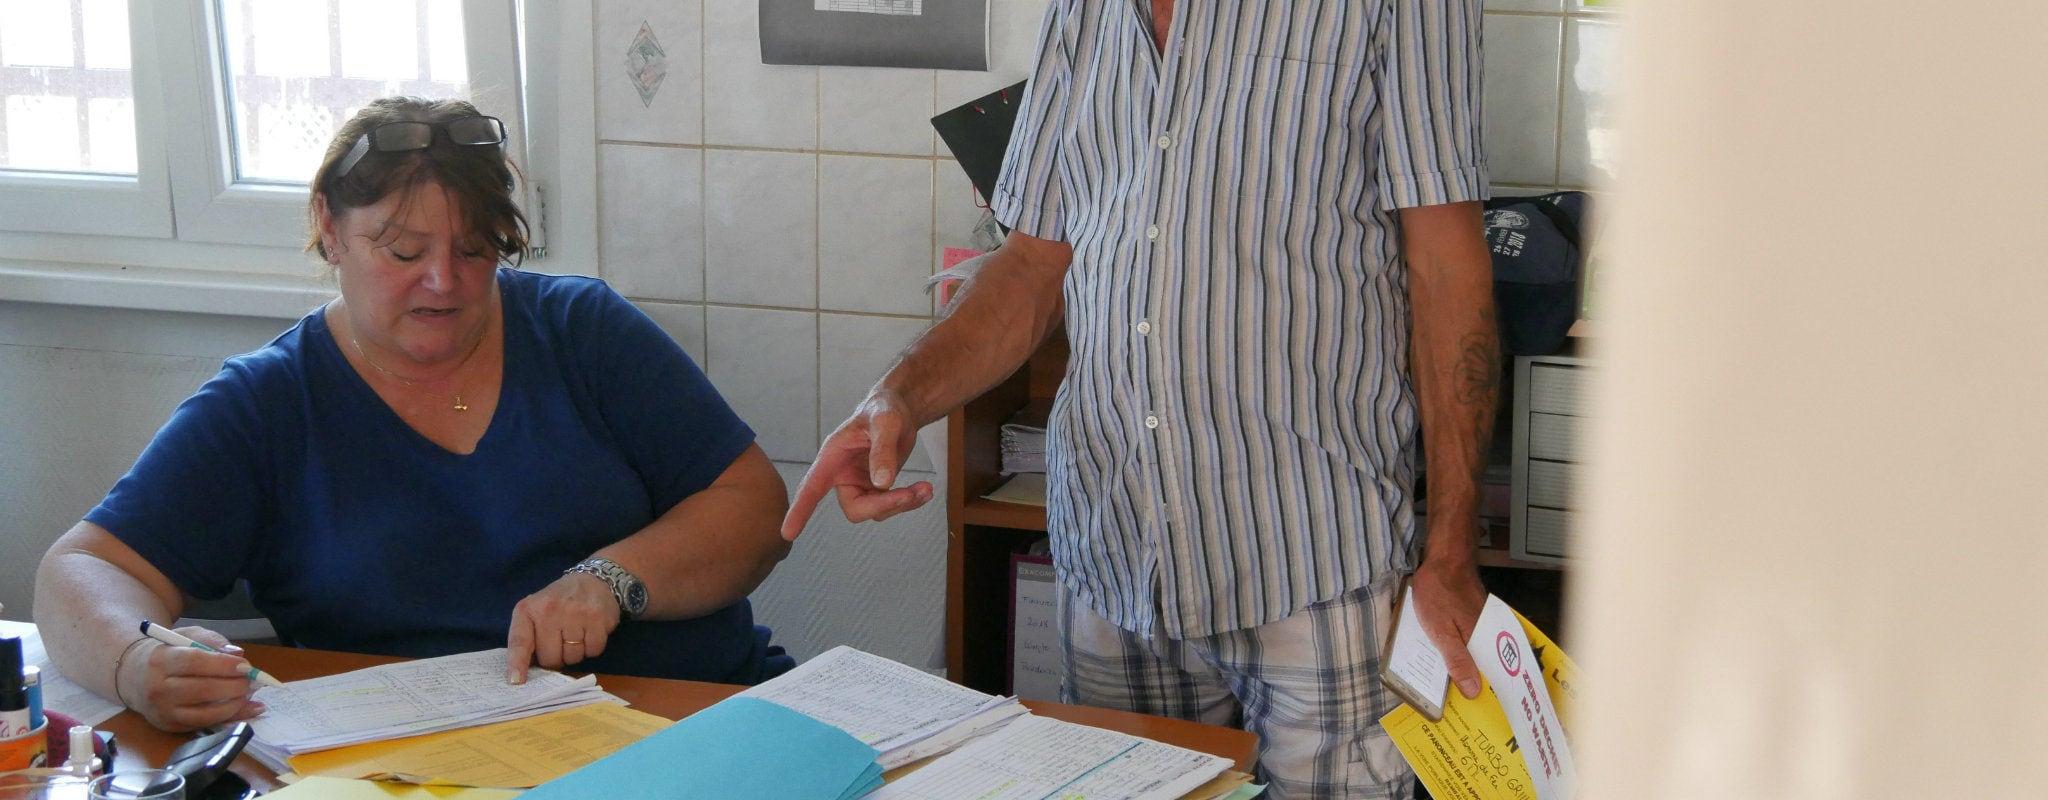 Grande braderie : des étals d'inquiétudes pour les commerçants itinérants